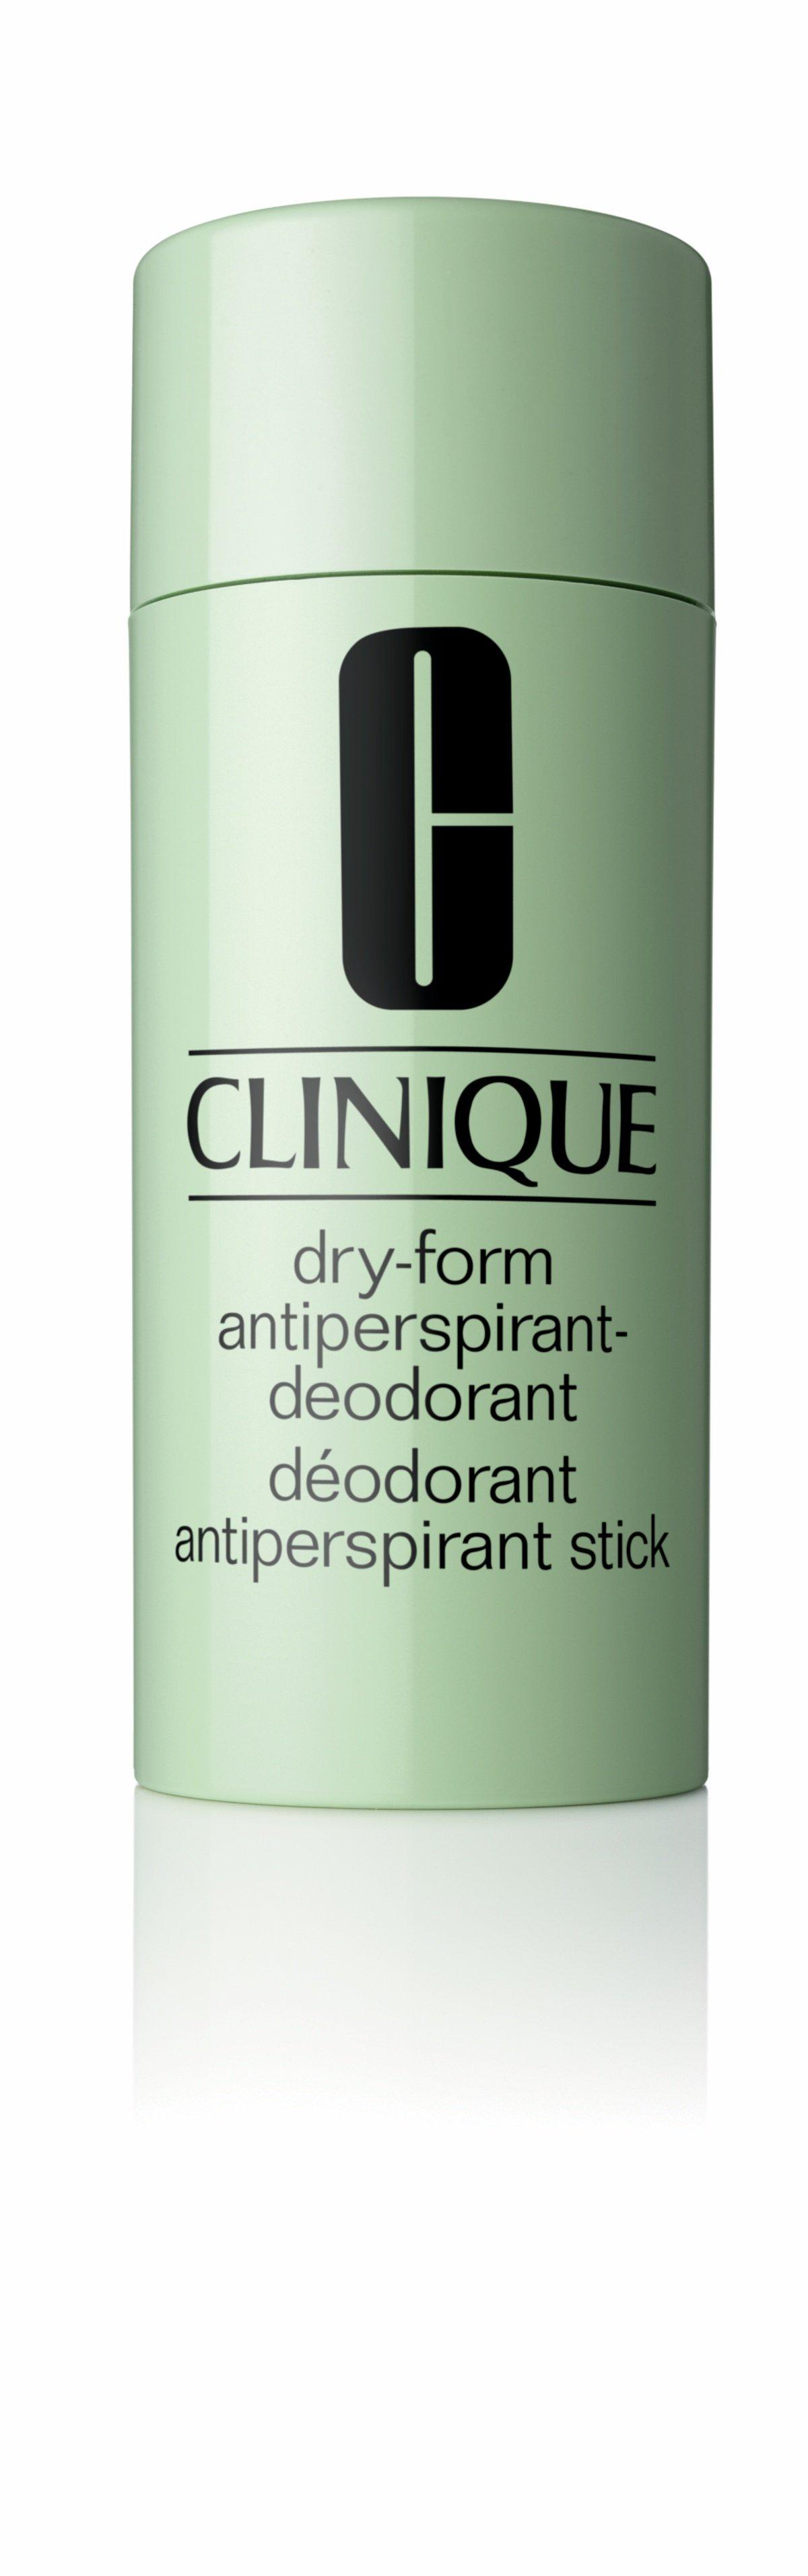 Clinique - Dry-Form Antiperspirant Deodorant Stick 75 ml.